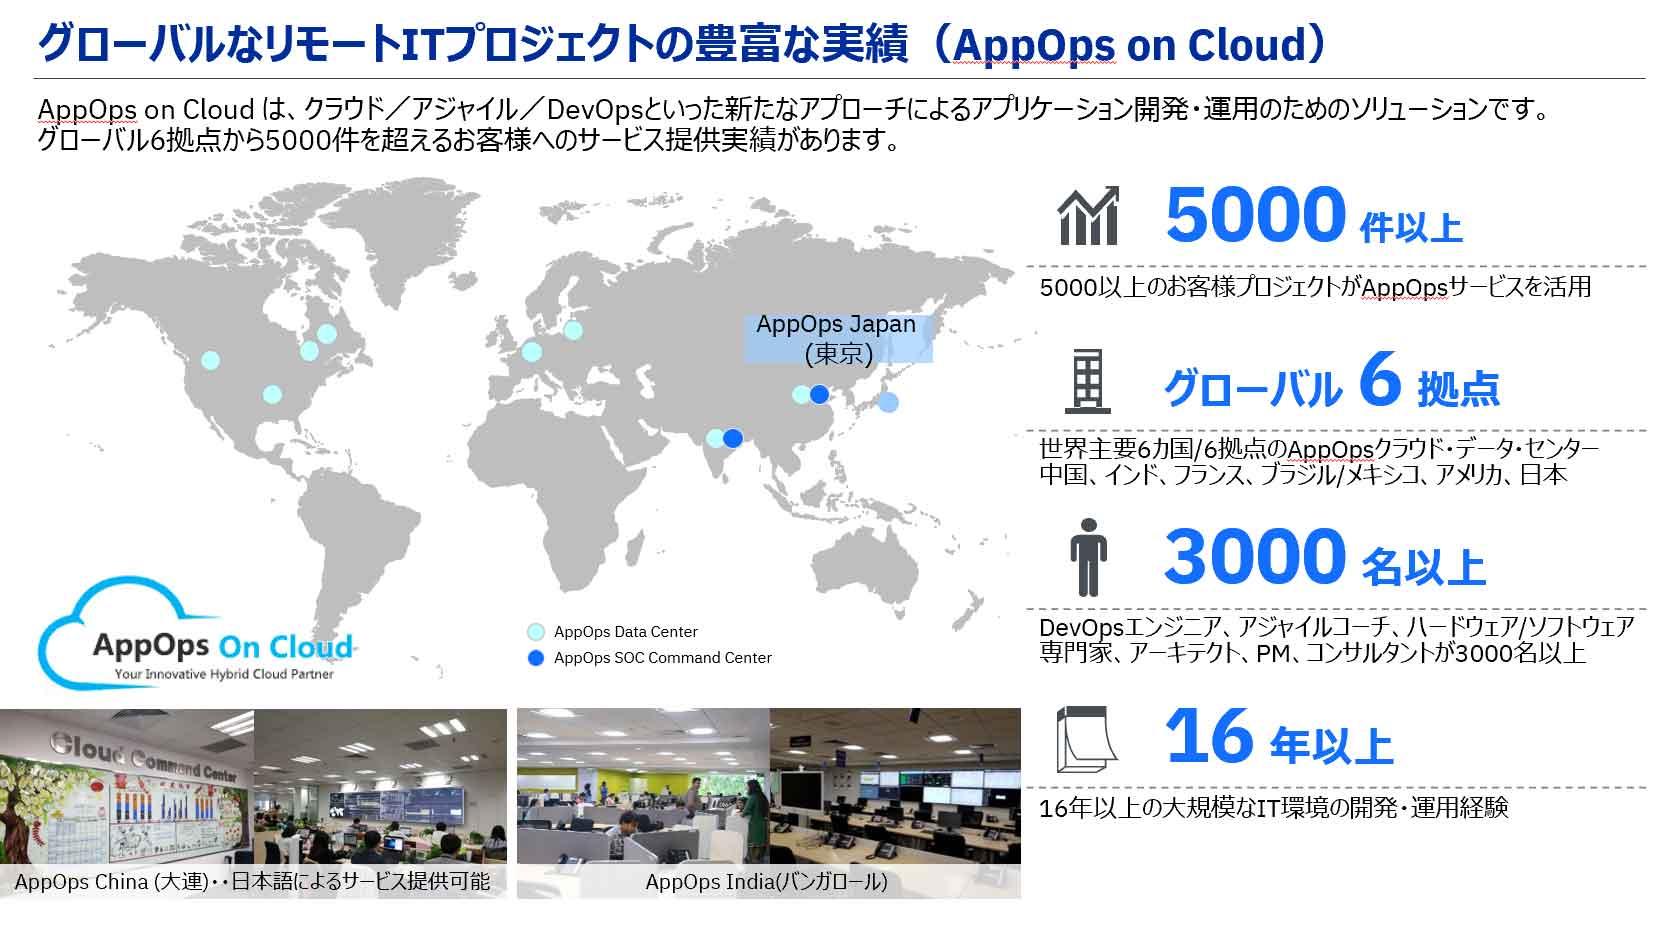 グローバルなリモートITプロジェクトの豊富な実績(AppOps on Cloud)